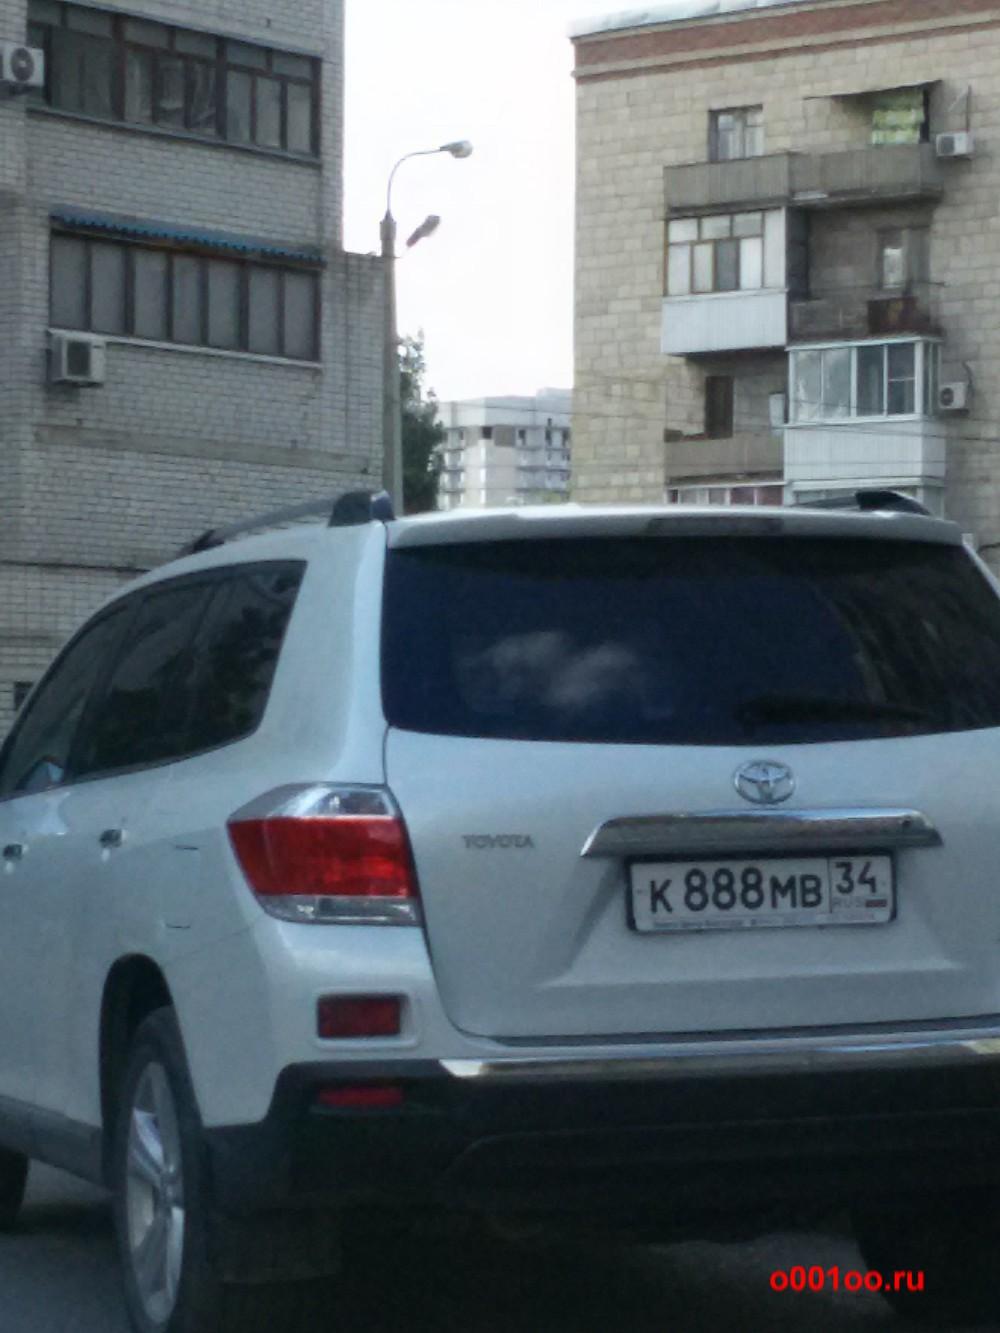 к888мв34